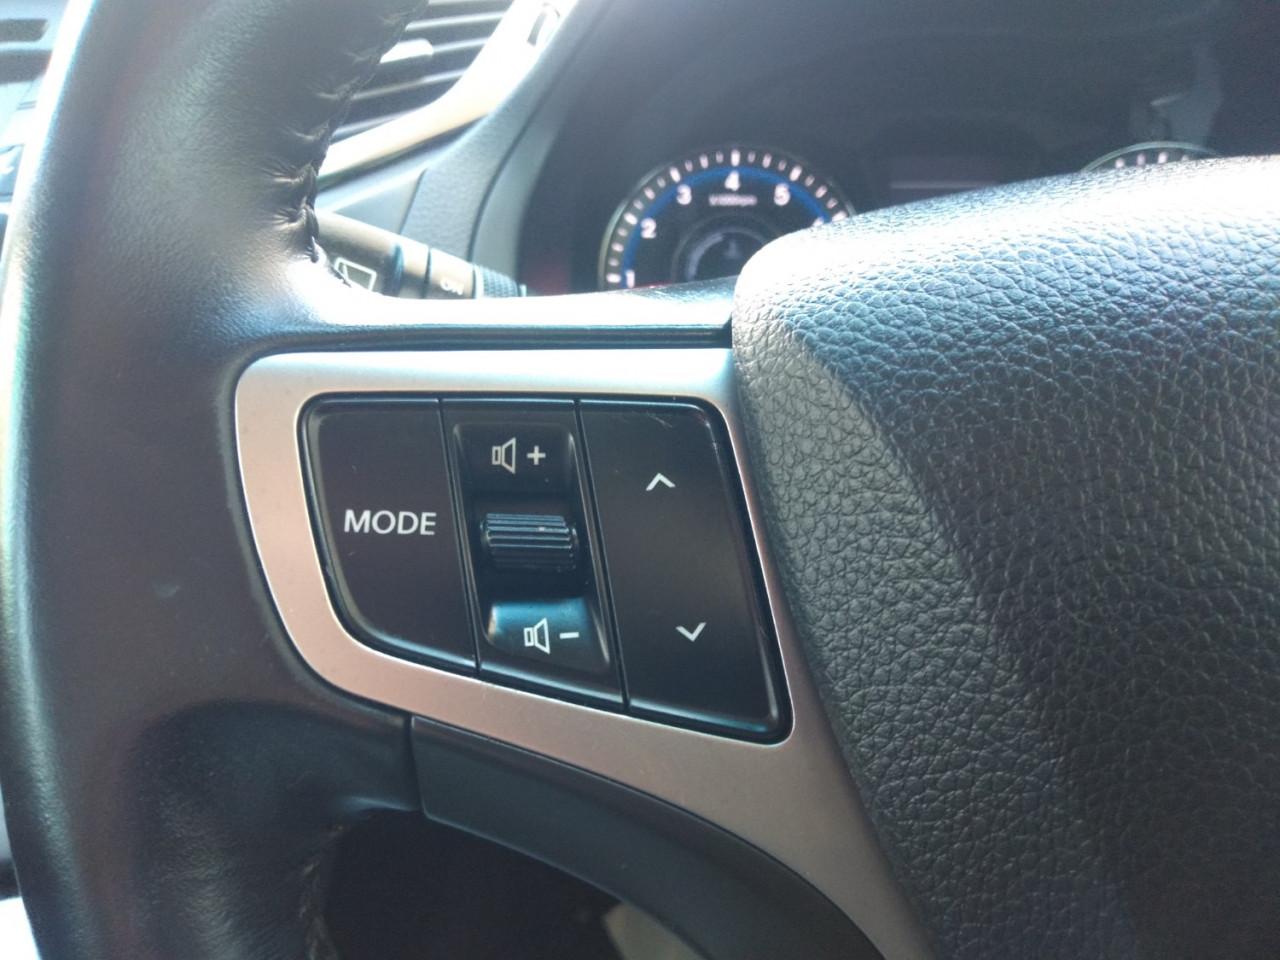 2013 Hyundai I40 VF2 ACTIVE Wagon Image 13